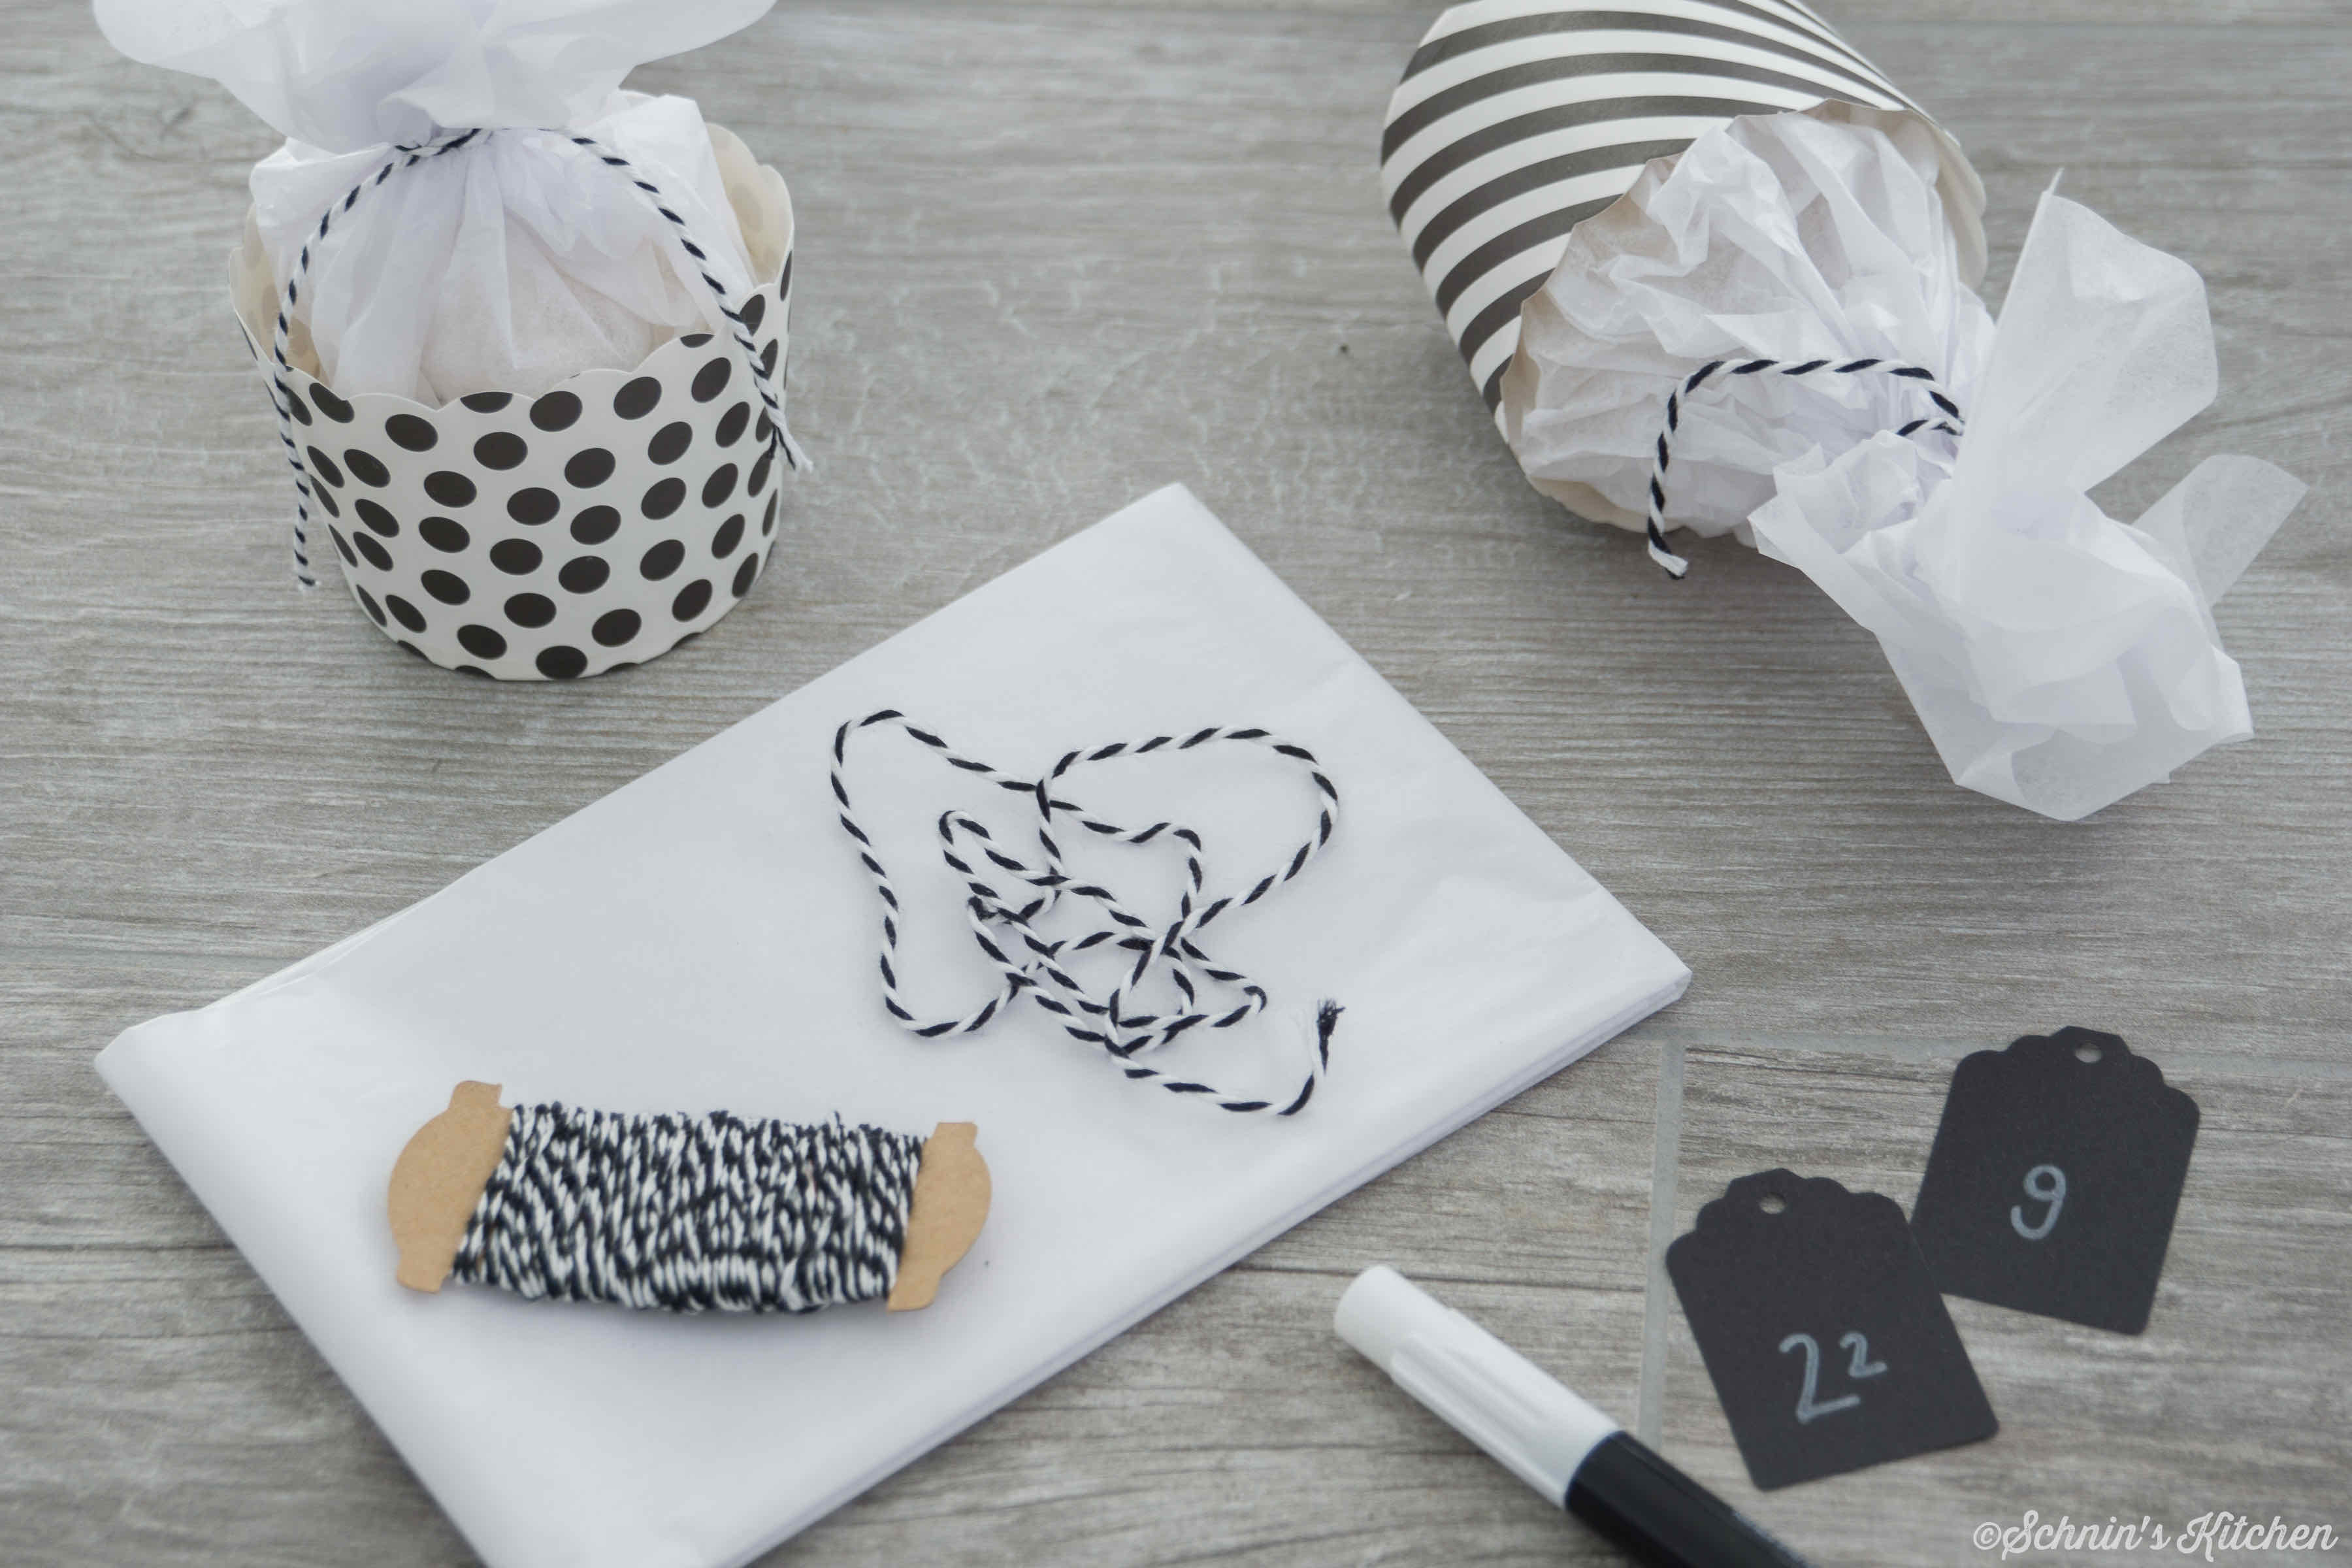 adventskalender basteln aus muffinf rmchen schnin 39 s kitchen. Black Bedroom Furniture Sets. Home Design Ideas